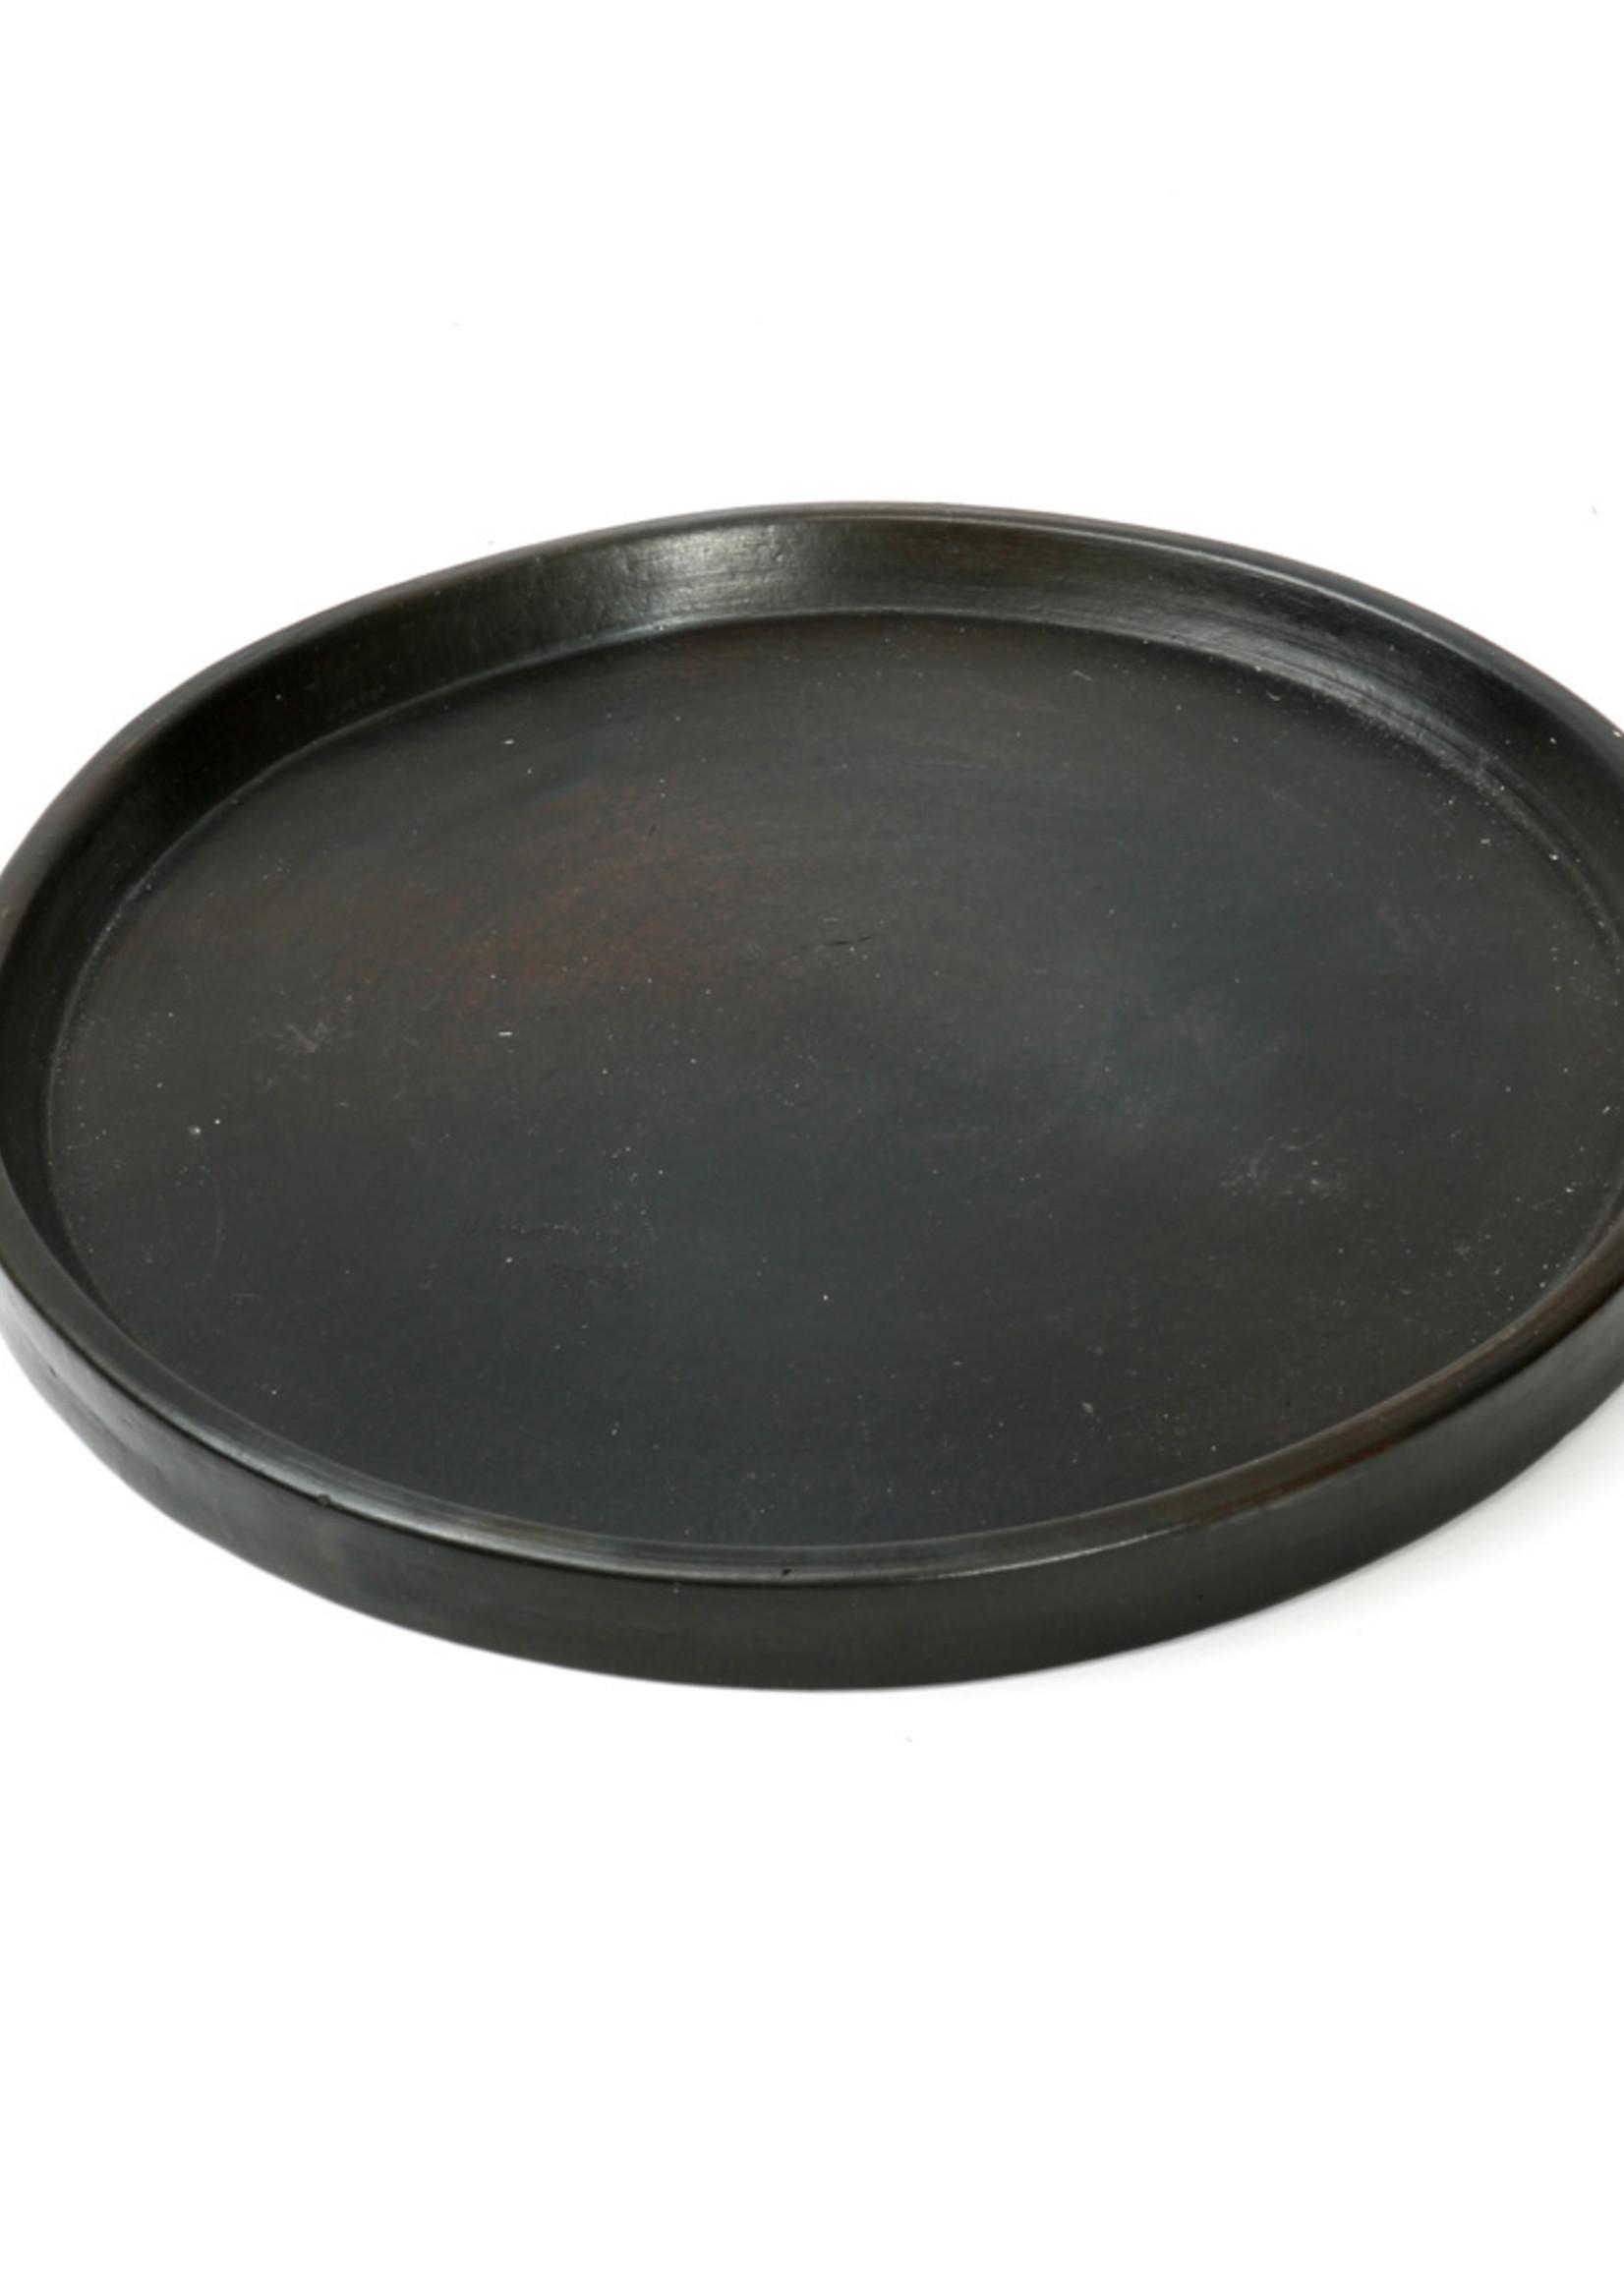 The Terracotta Burned Plate - Black - M